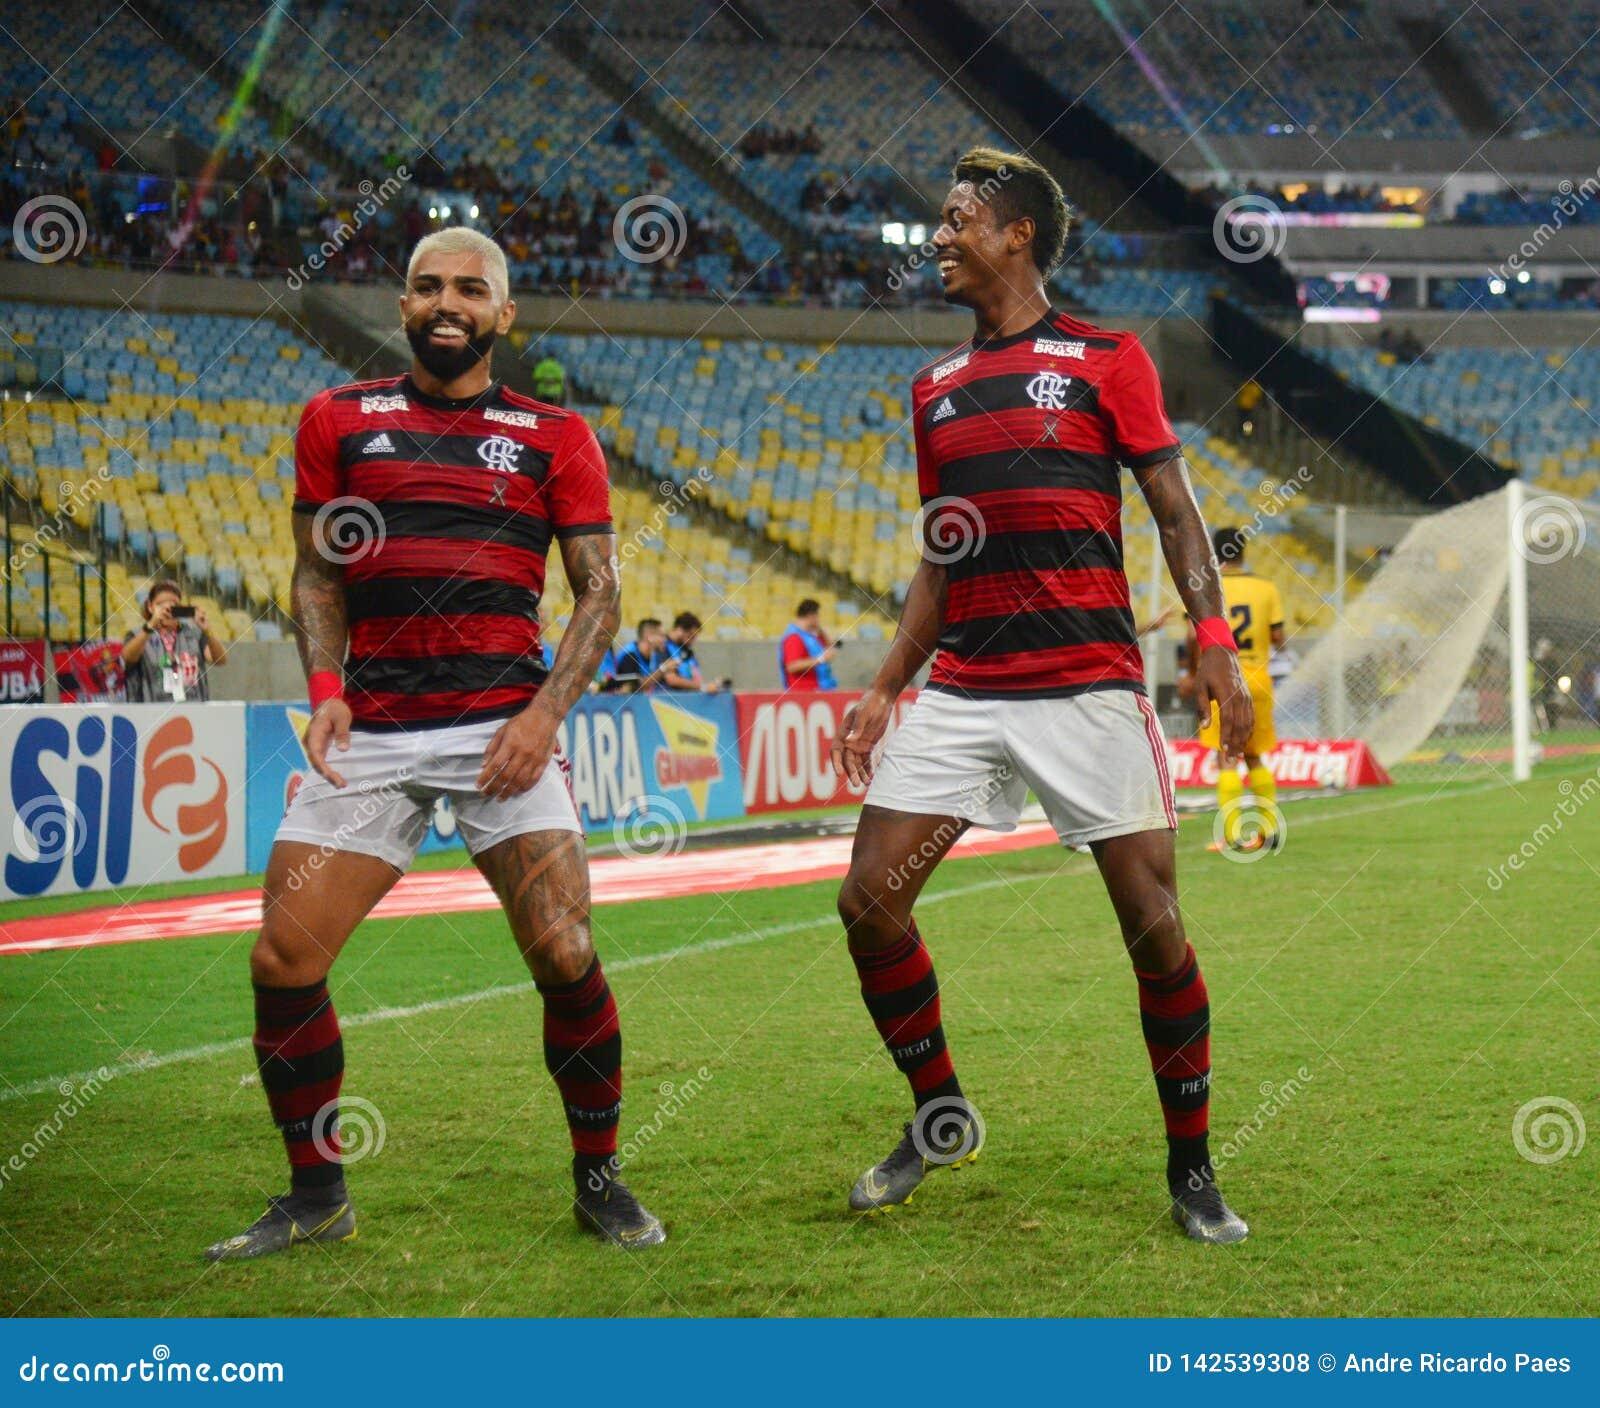 69ee565e671 Soccer Player Gabriel Gabigol Celebrates Editorial Stock Photo ...